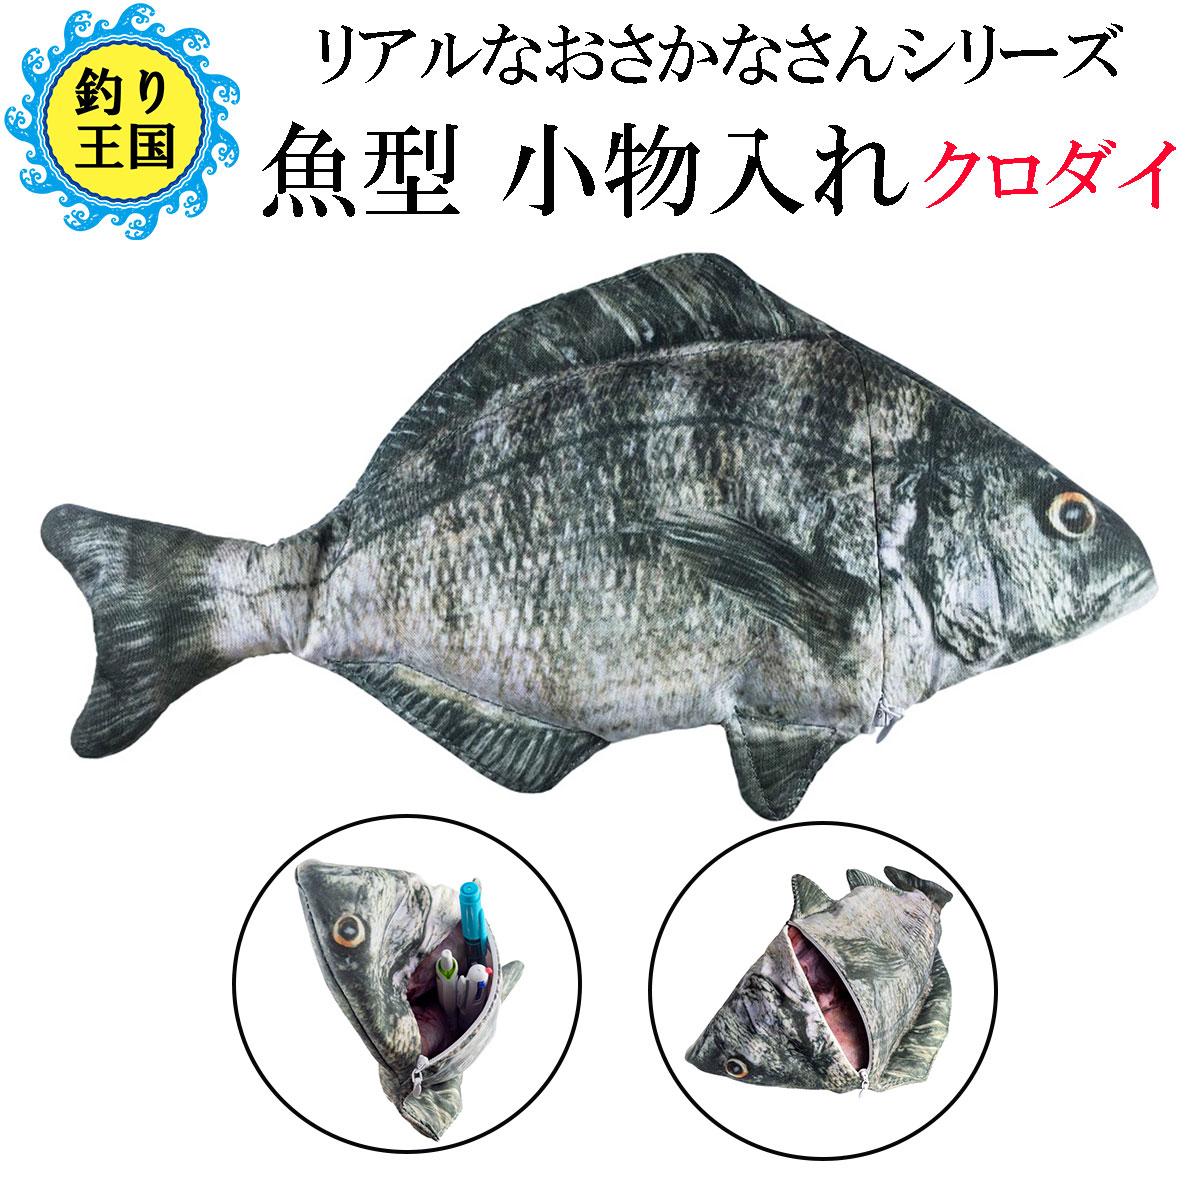 リアルなおさかなさんシリーズ オルルド釣具 送料0円 魚型 小物入れ ポーチ クロダイ 大幅値下げランキング チヌ ペンケース 黒鯛